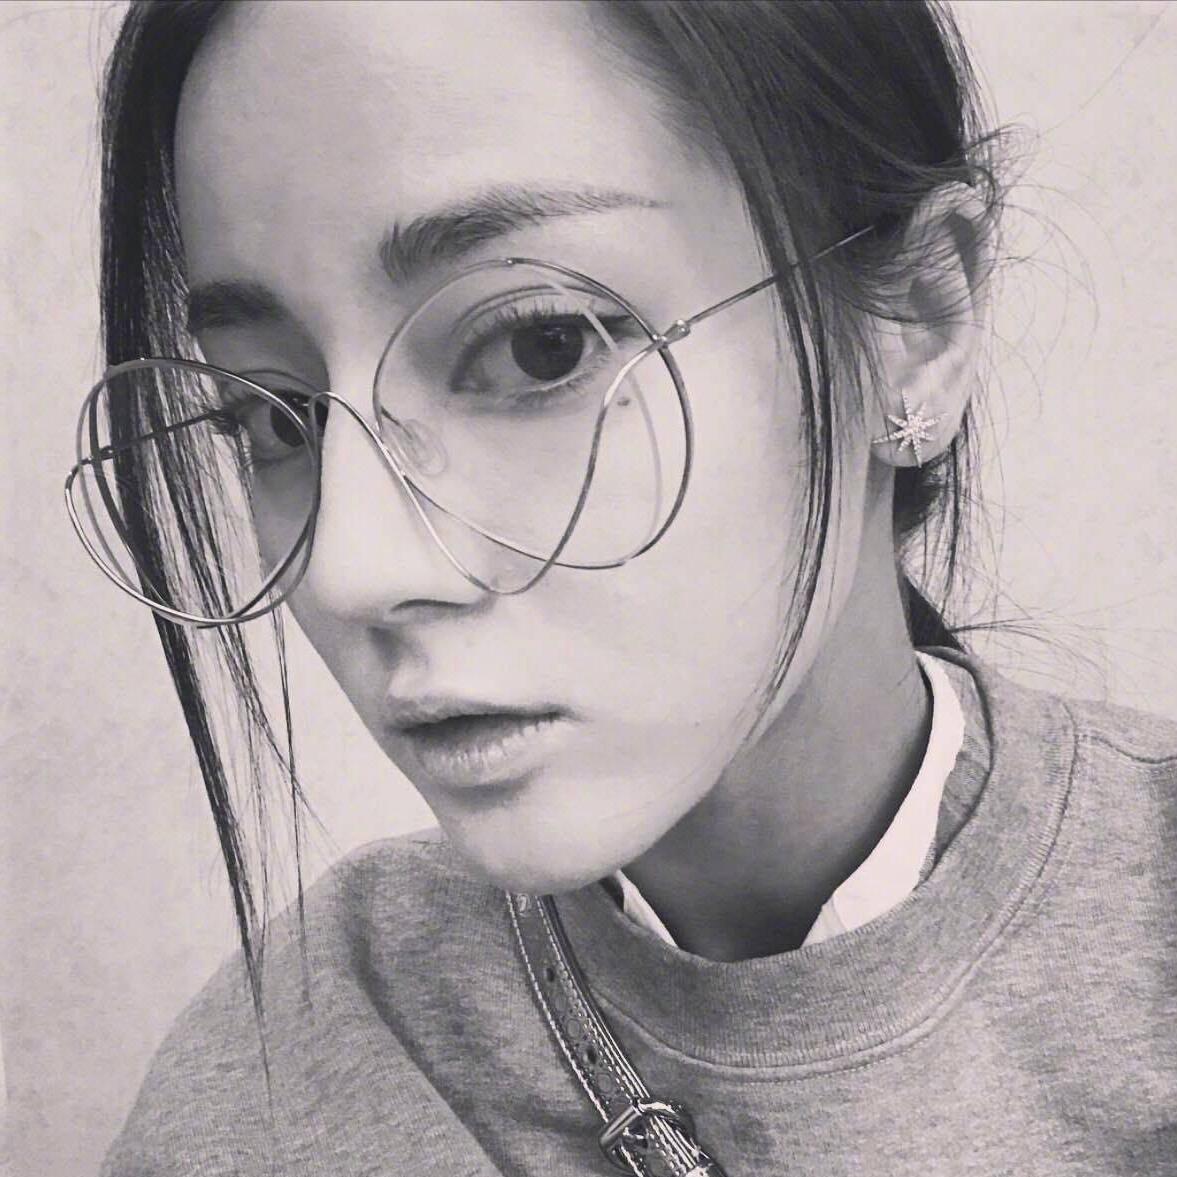 迪丽热巴同款眼镜墨镜潮女平光镜素颜眼镜架框